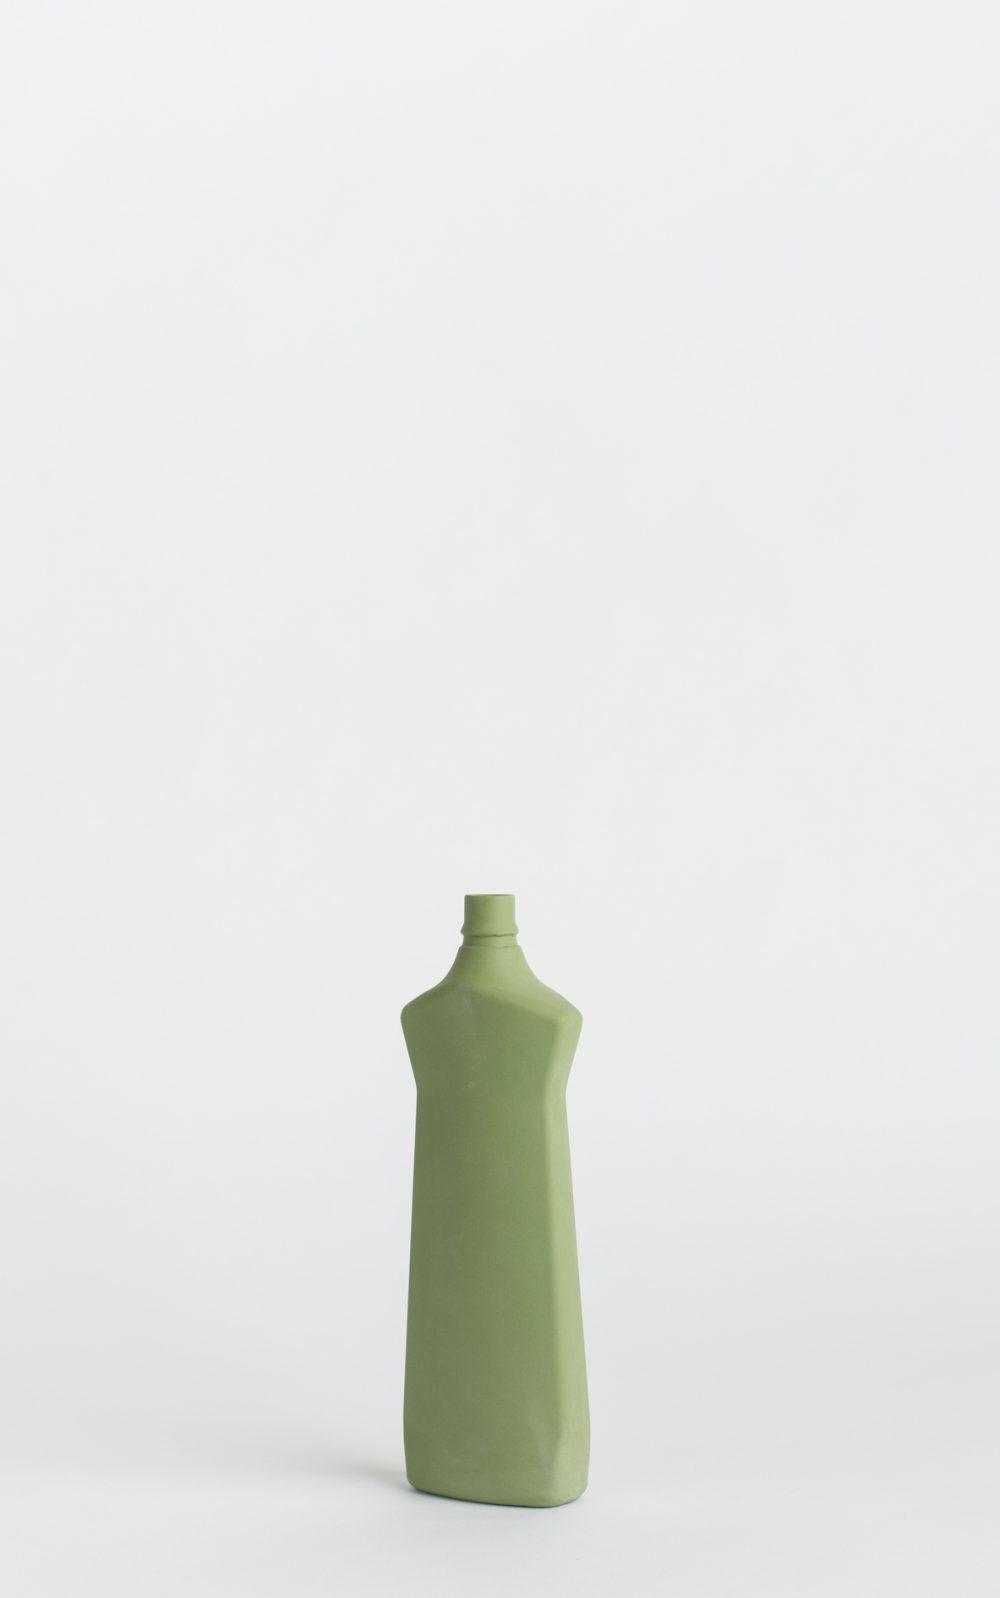 bottle vase #1 dark green